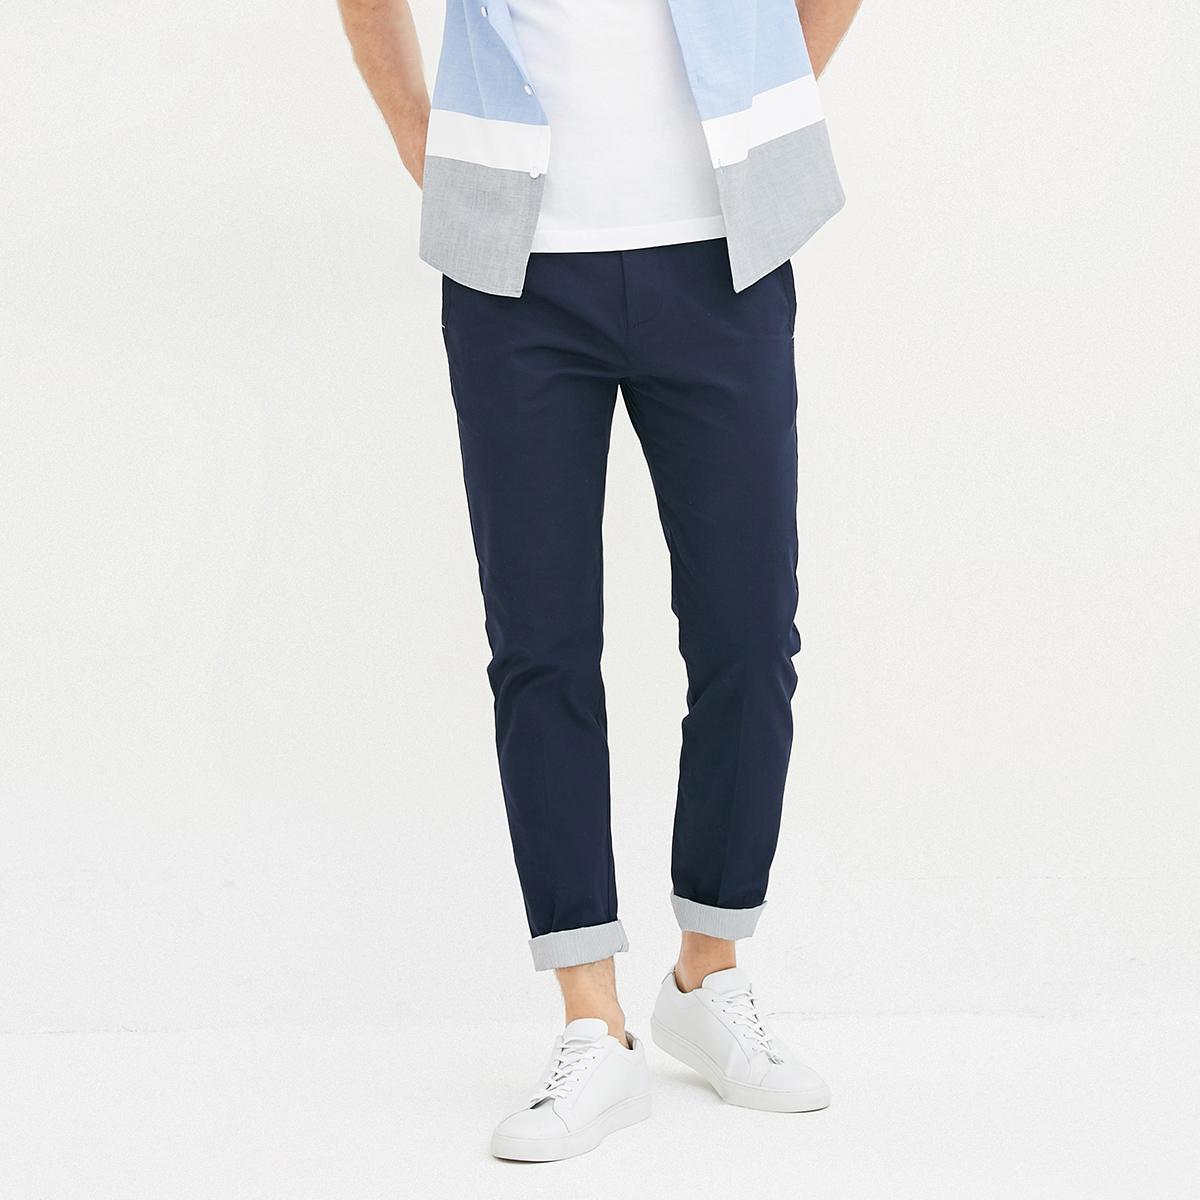 条纹莱卡长裤